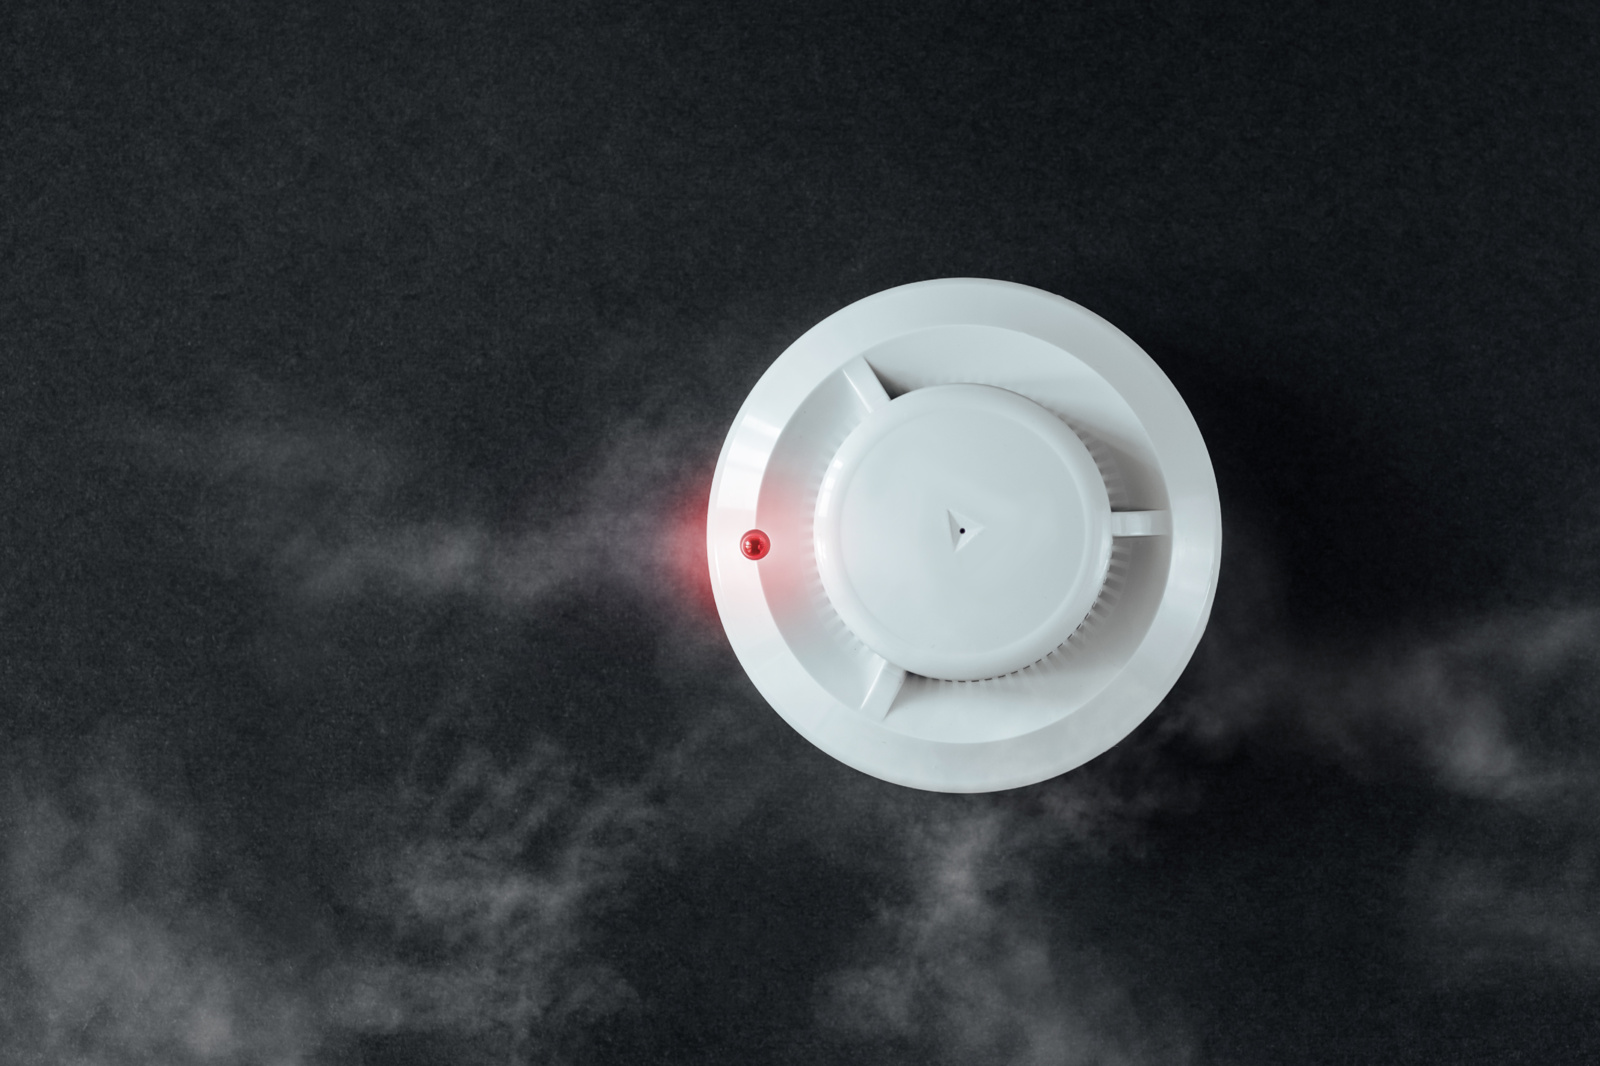 Jurbarko priešgaisrinė gelbėjimo tarnyba perspėja dėl dūmų detektorių